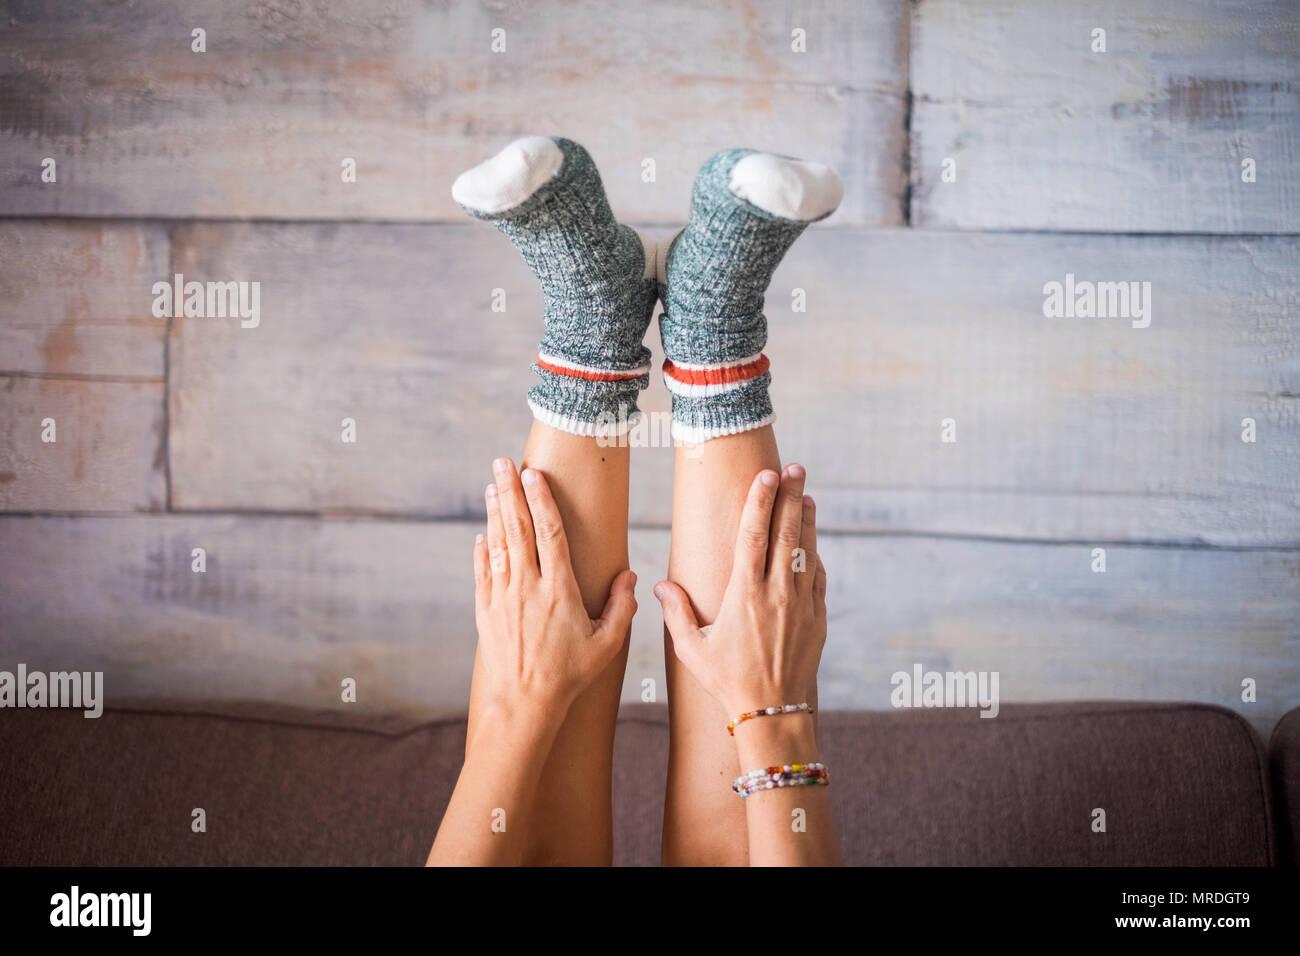 En el oriente la composición con mujer hermosa piernas inconveniente con divertidos y coloridos calcetines tomada por manos. alternativa alegría y concepto de estilo de vida para en Imagen De Stock